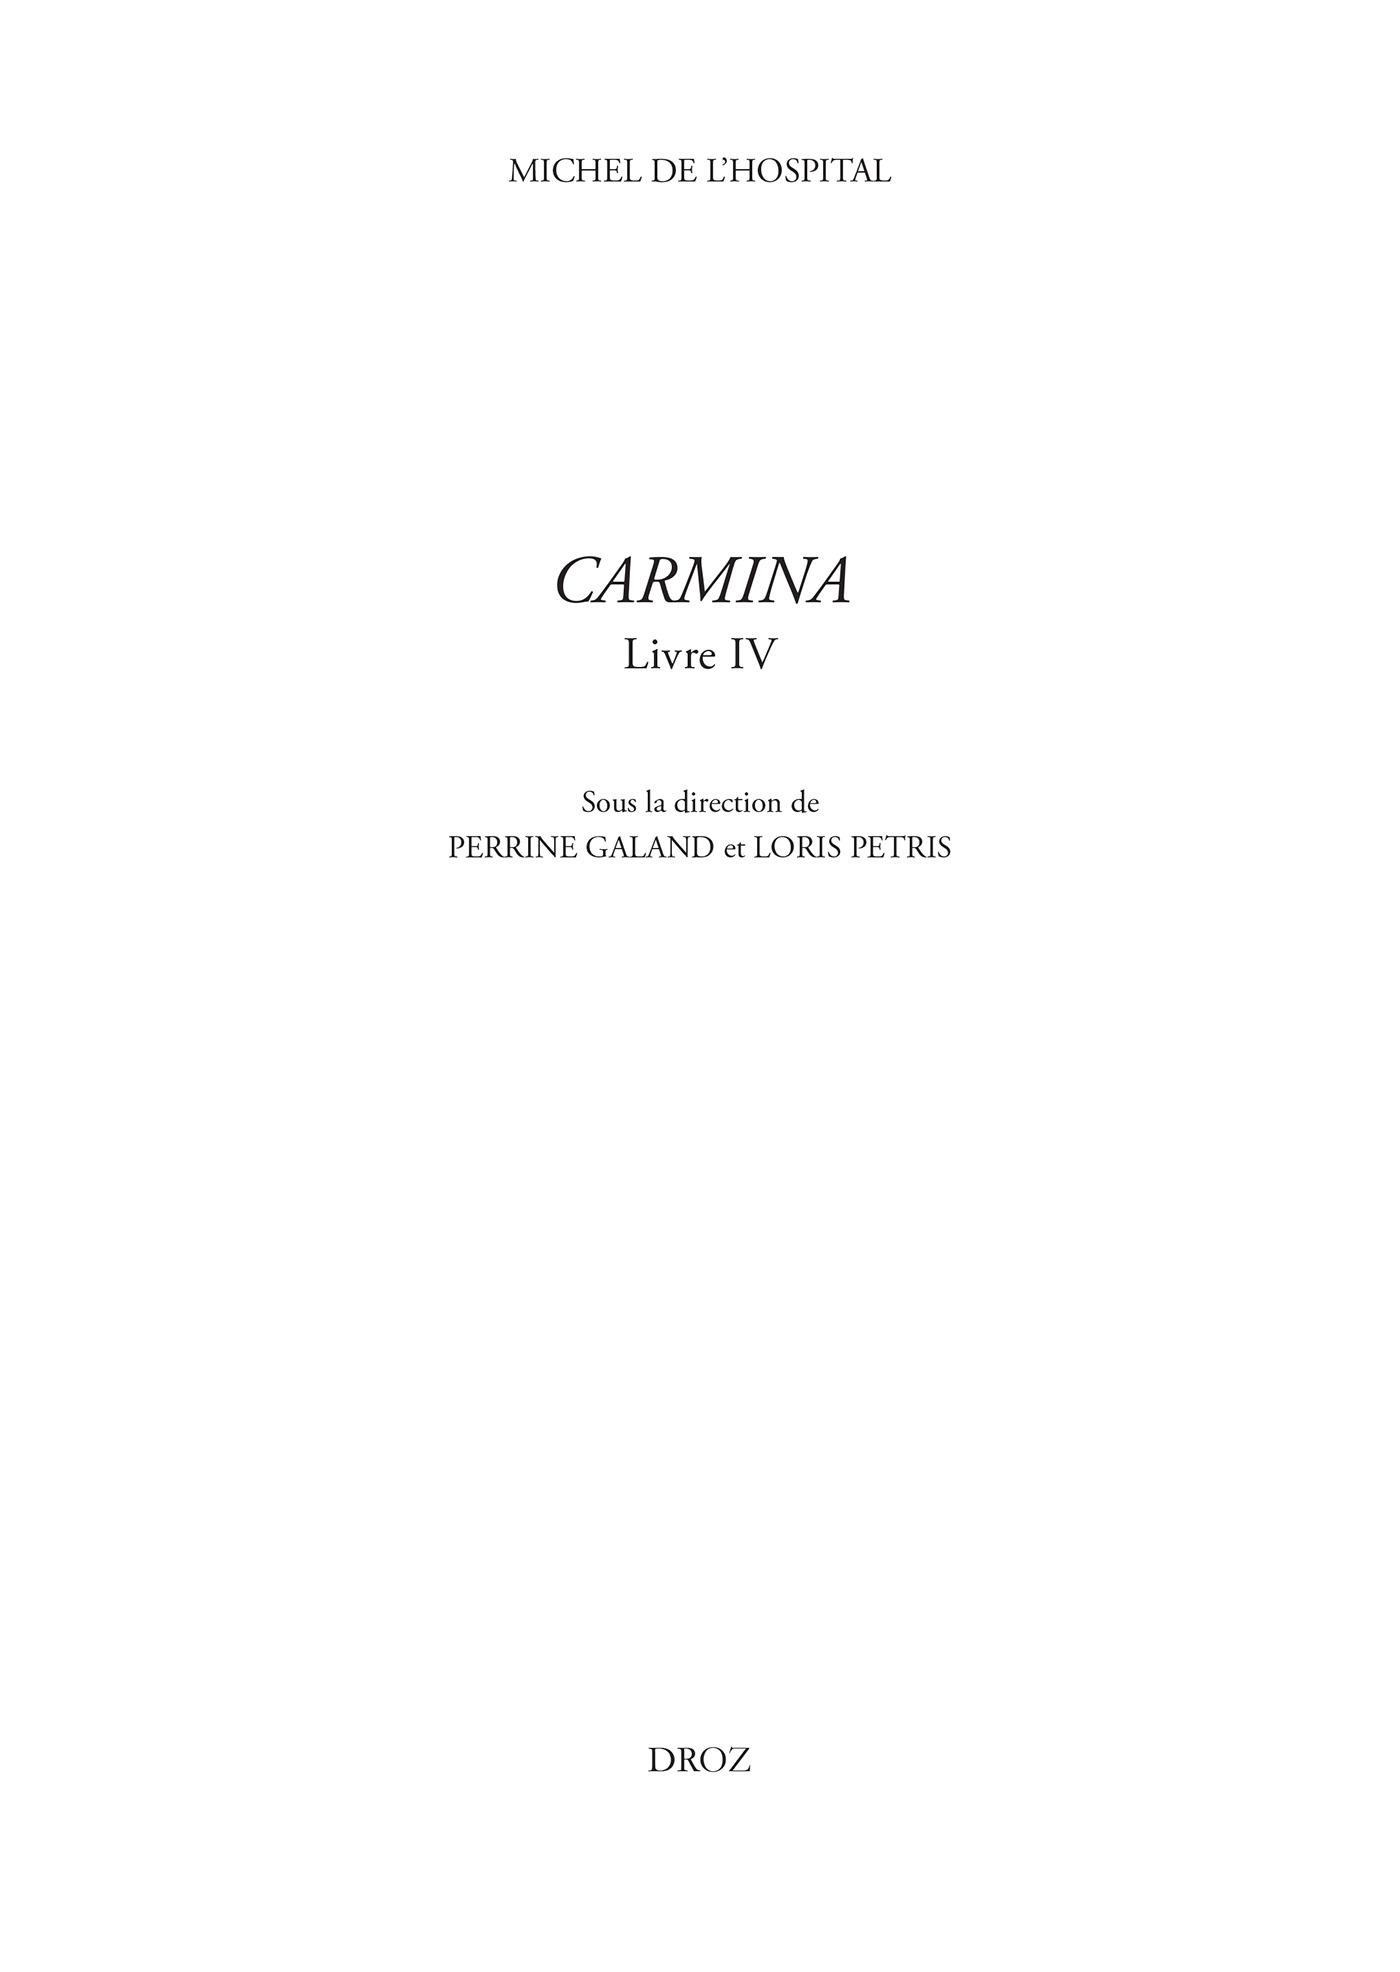 Carmina - livre iv